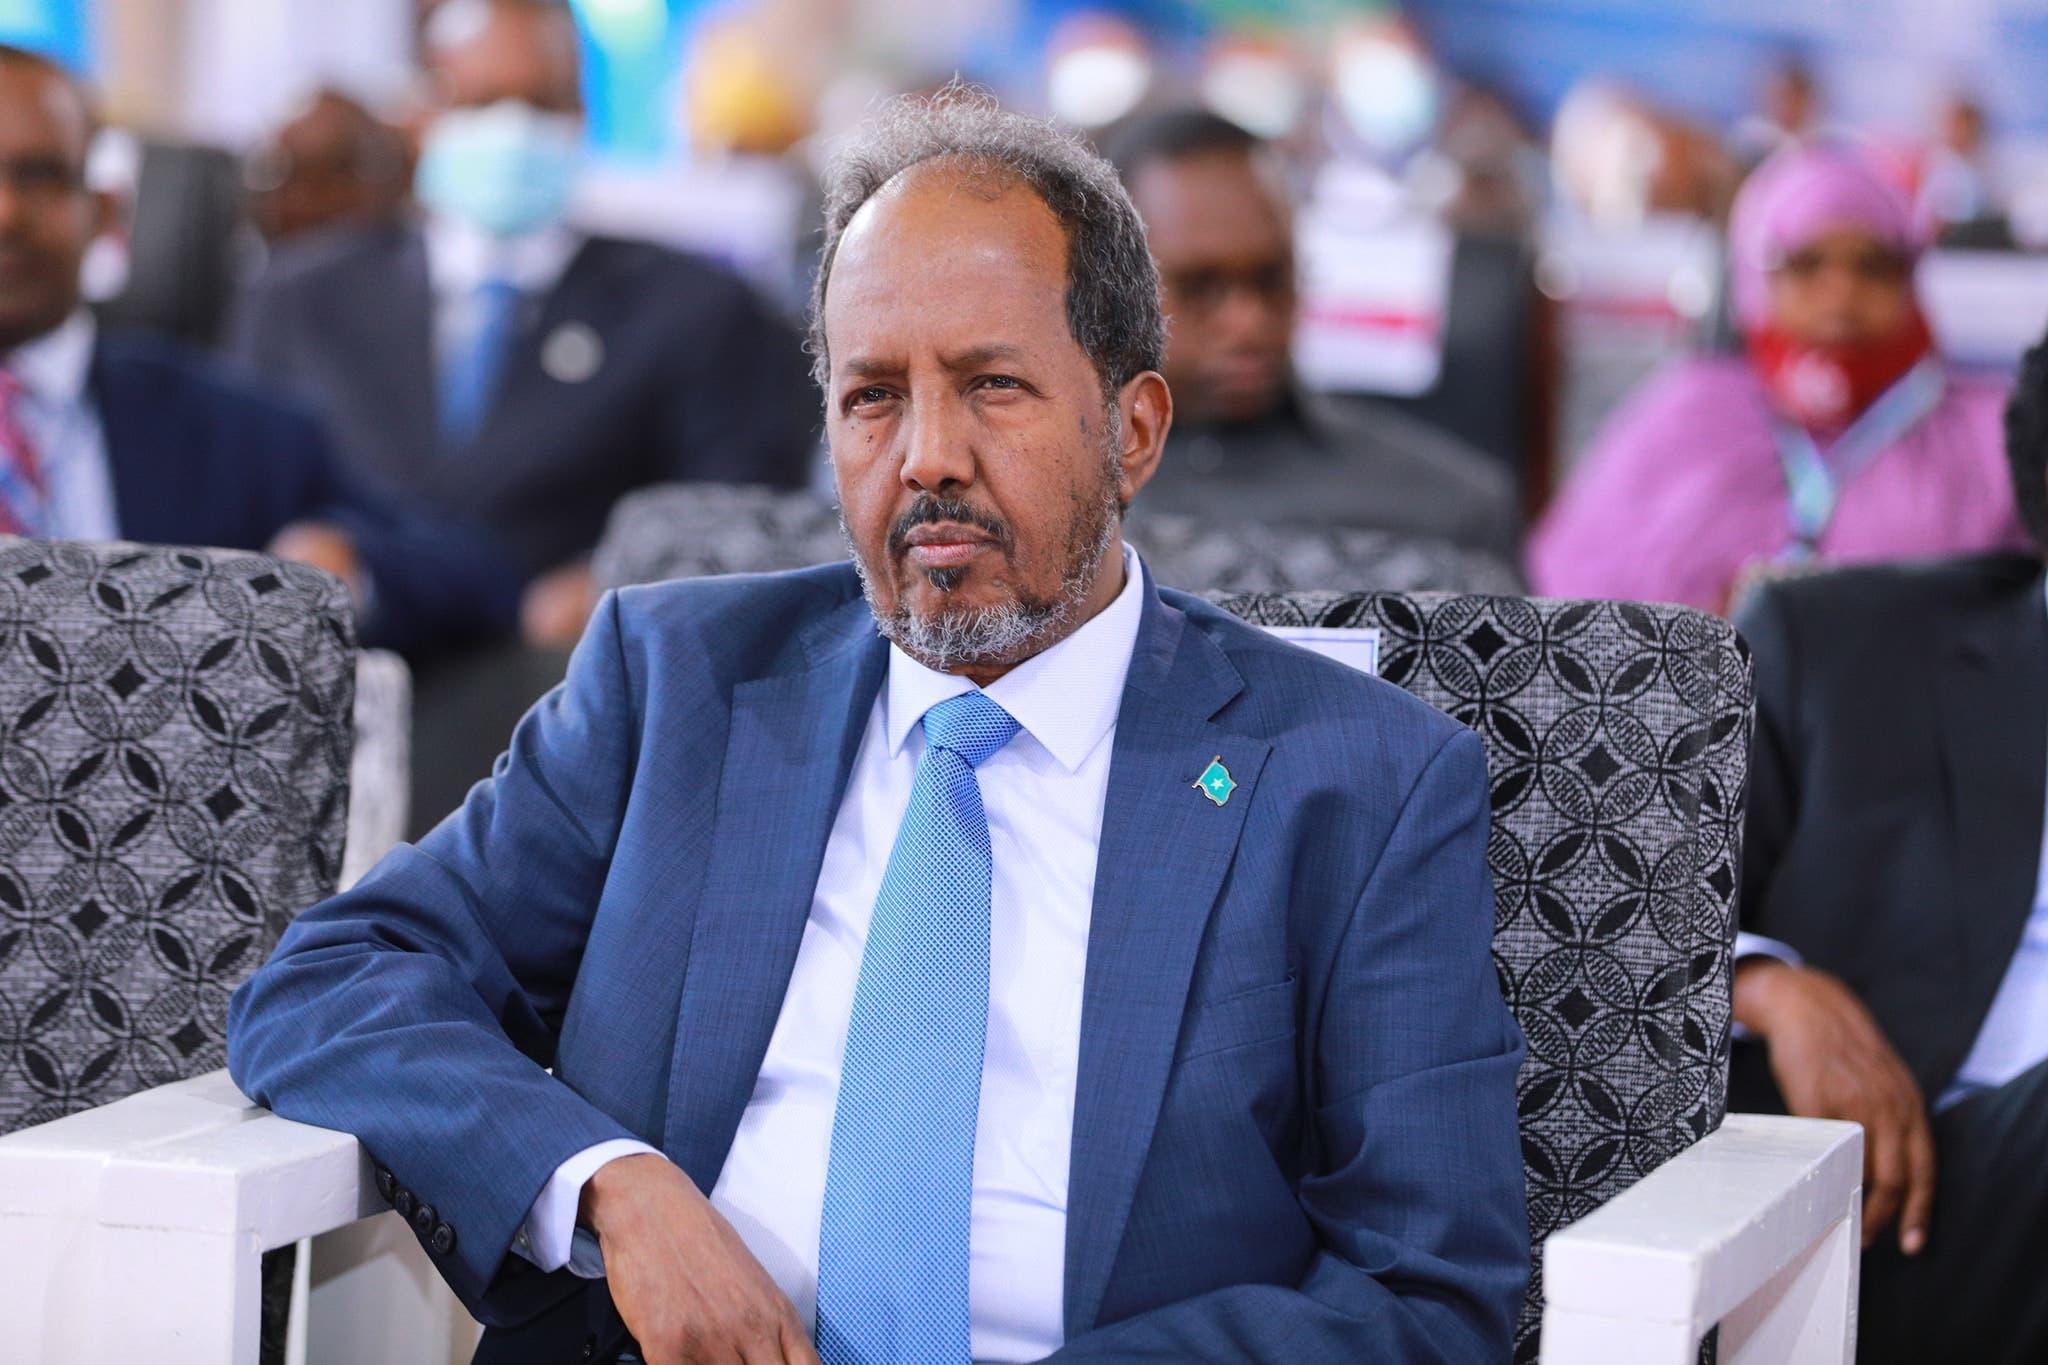 Xog: Xasan oo ku guuleystay inuu hor-istaago qorshe ay wadday Villa SOMALIA